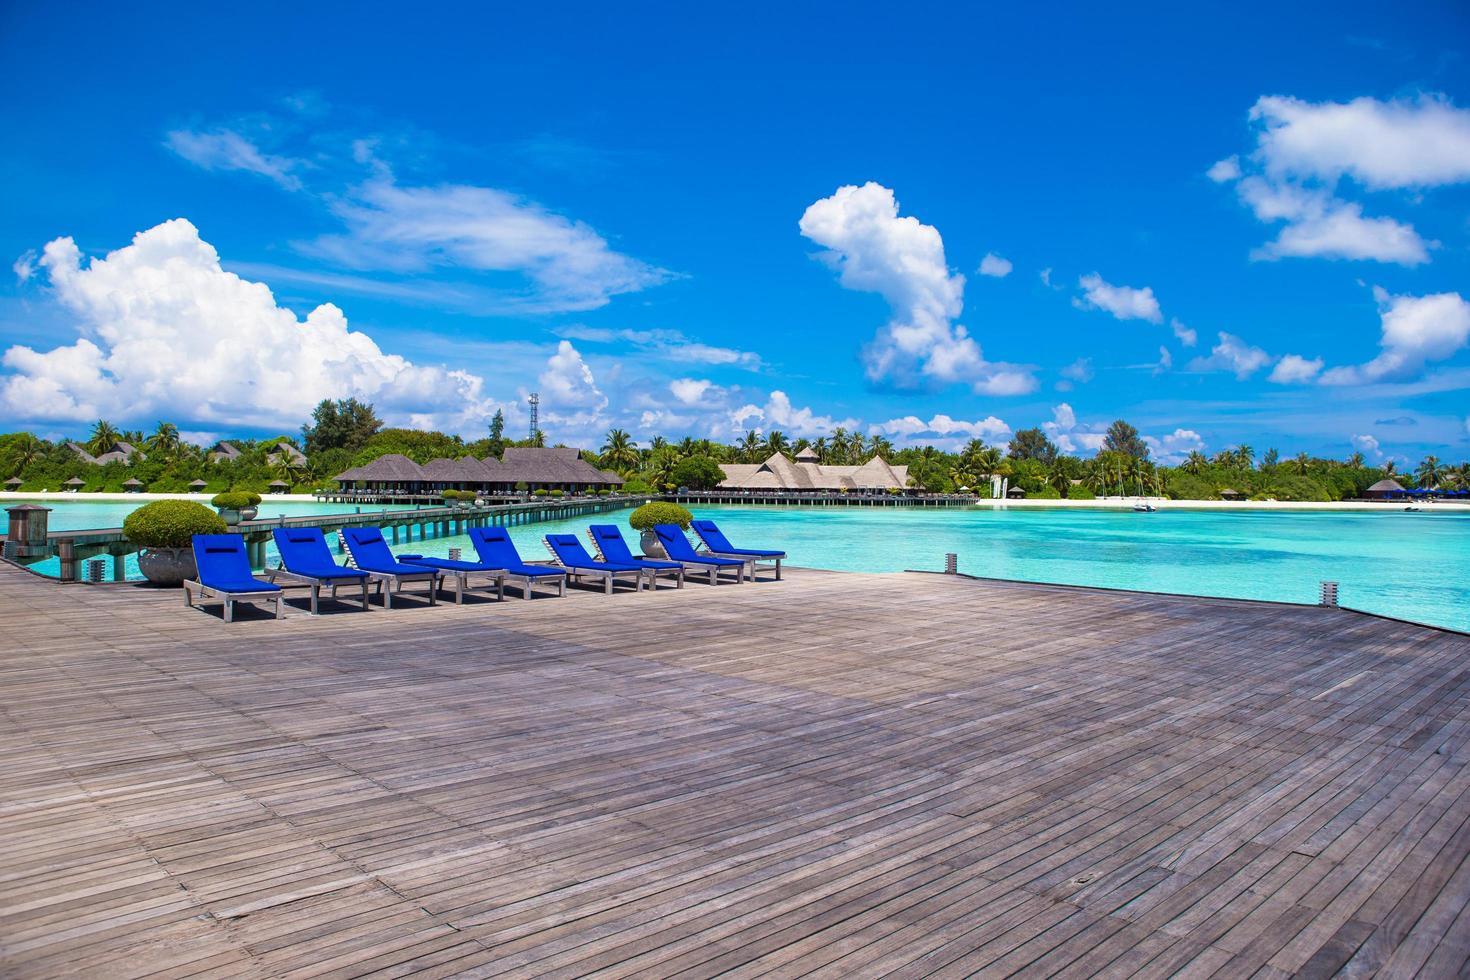 maldivas, sul da ásia, 2020 - resort em uma ilha vazia durante o dia foto